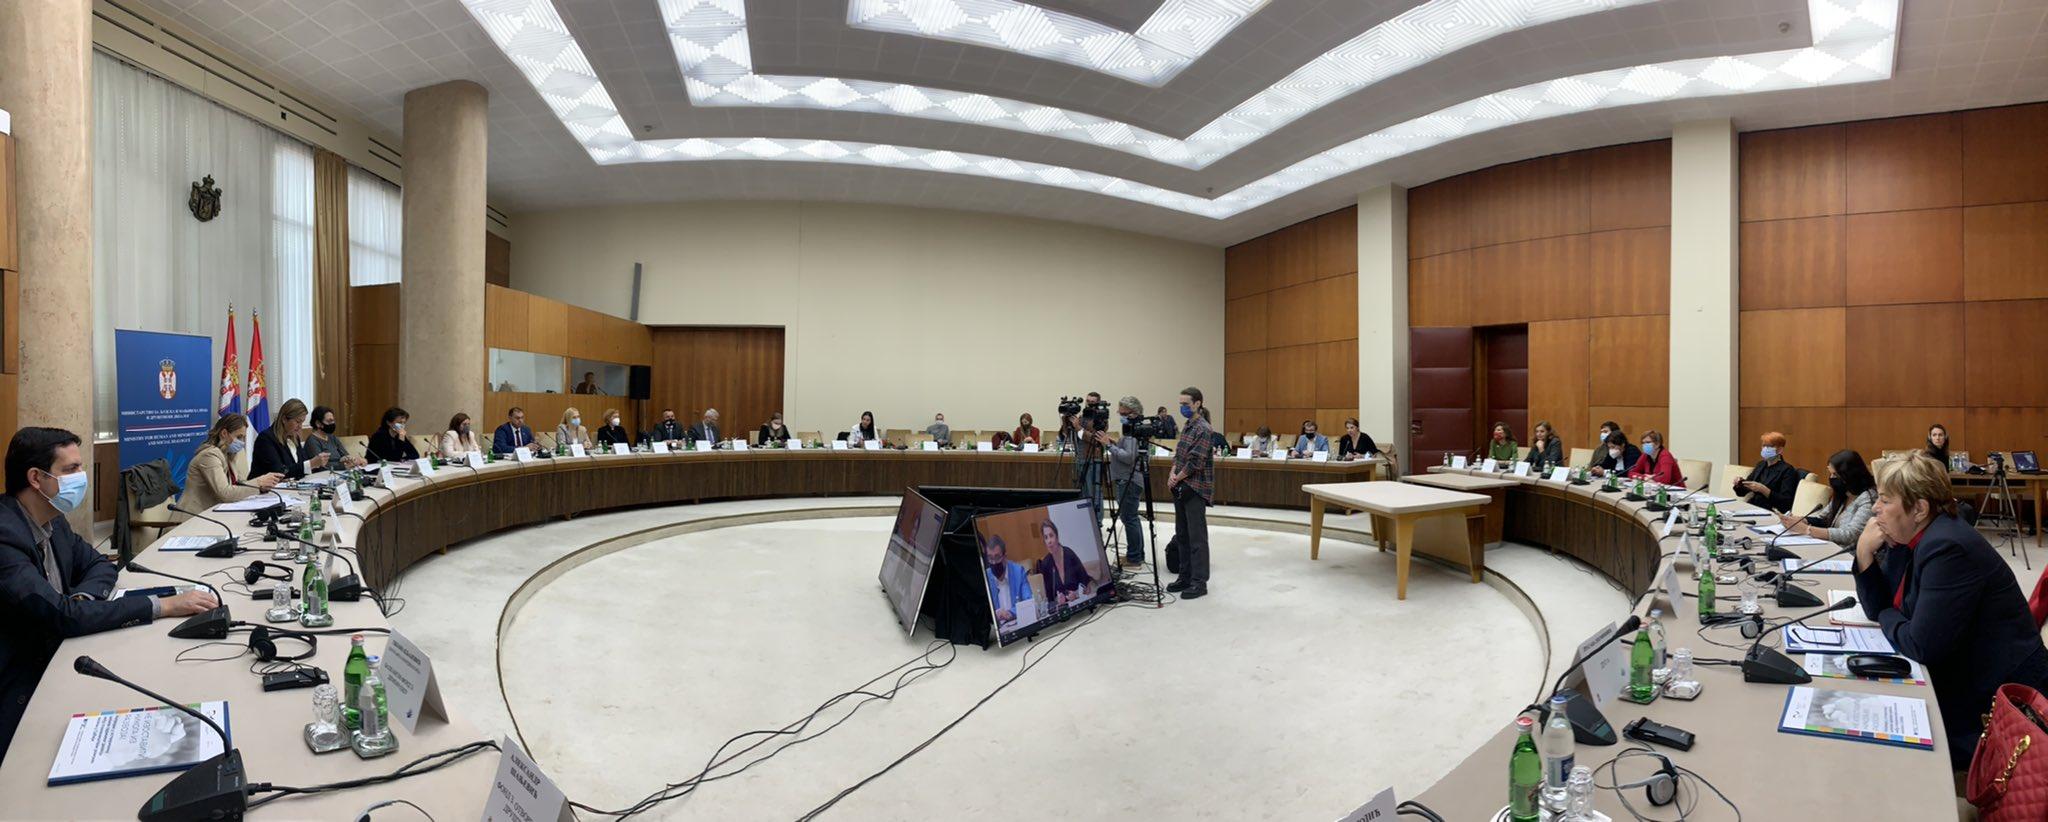 Ekonomsko osnaživanje Roma i ciljevi održivog razvoja u Srbiji